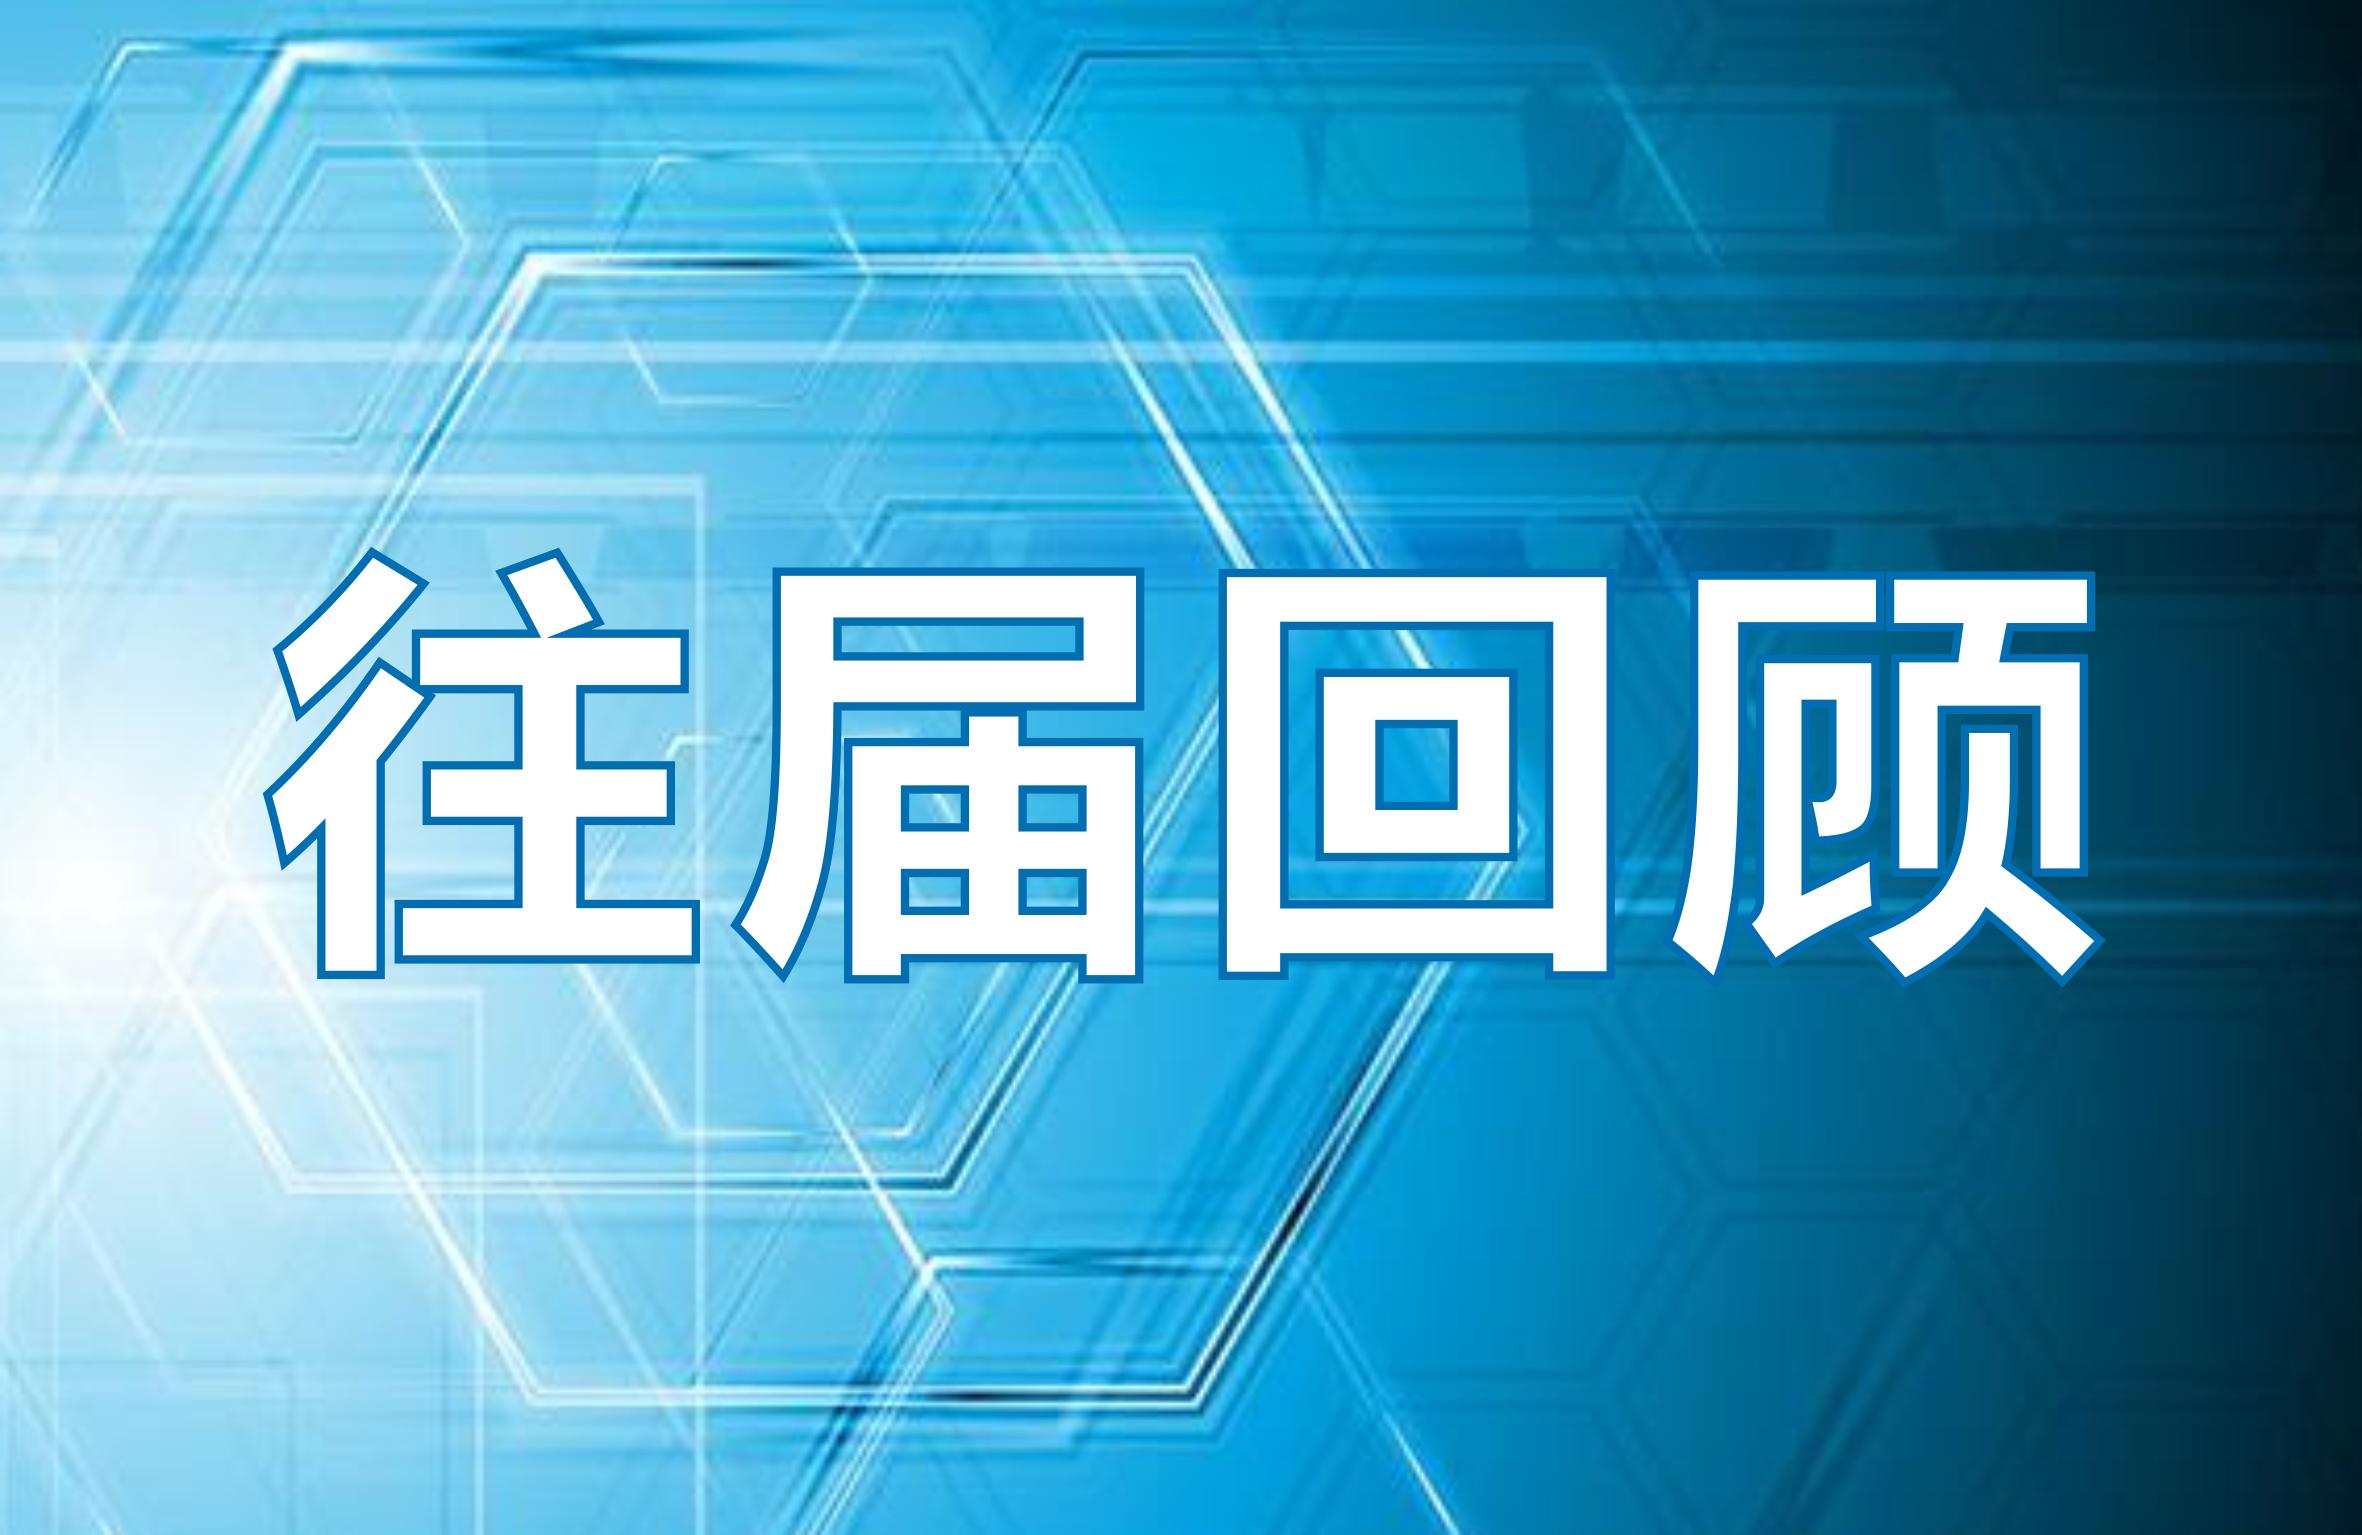 往届回顾:2017第三届硬创大赛最强硬创团队齐聚深圳